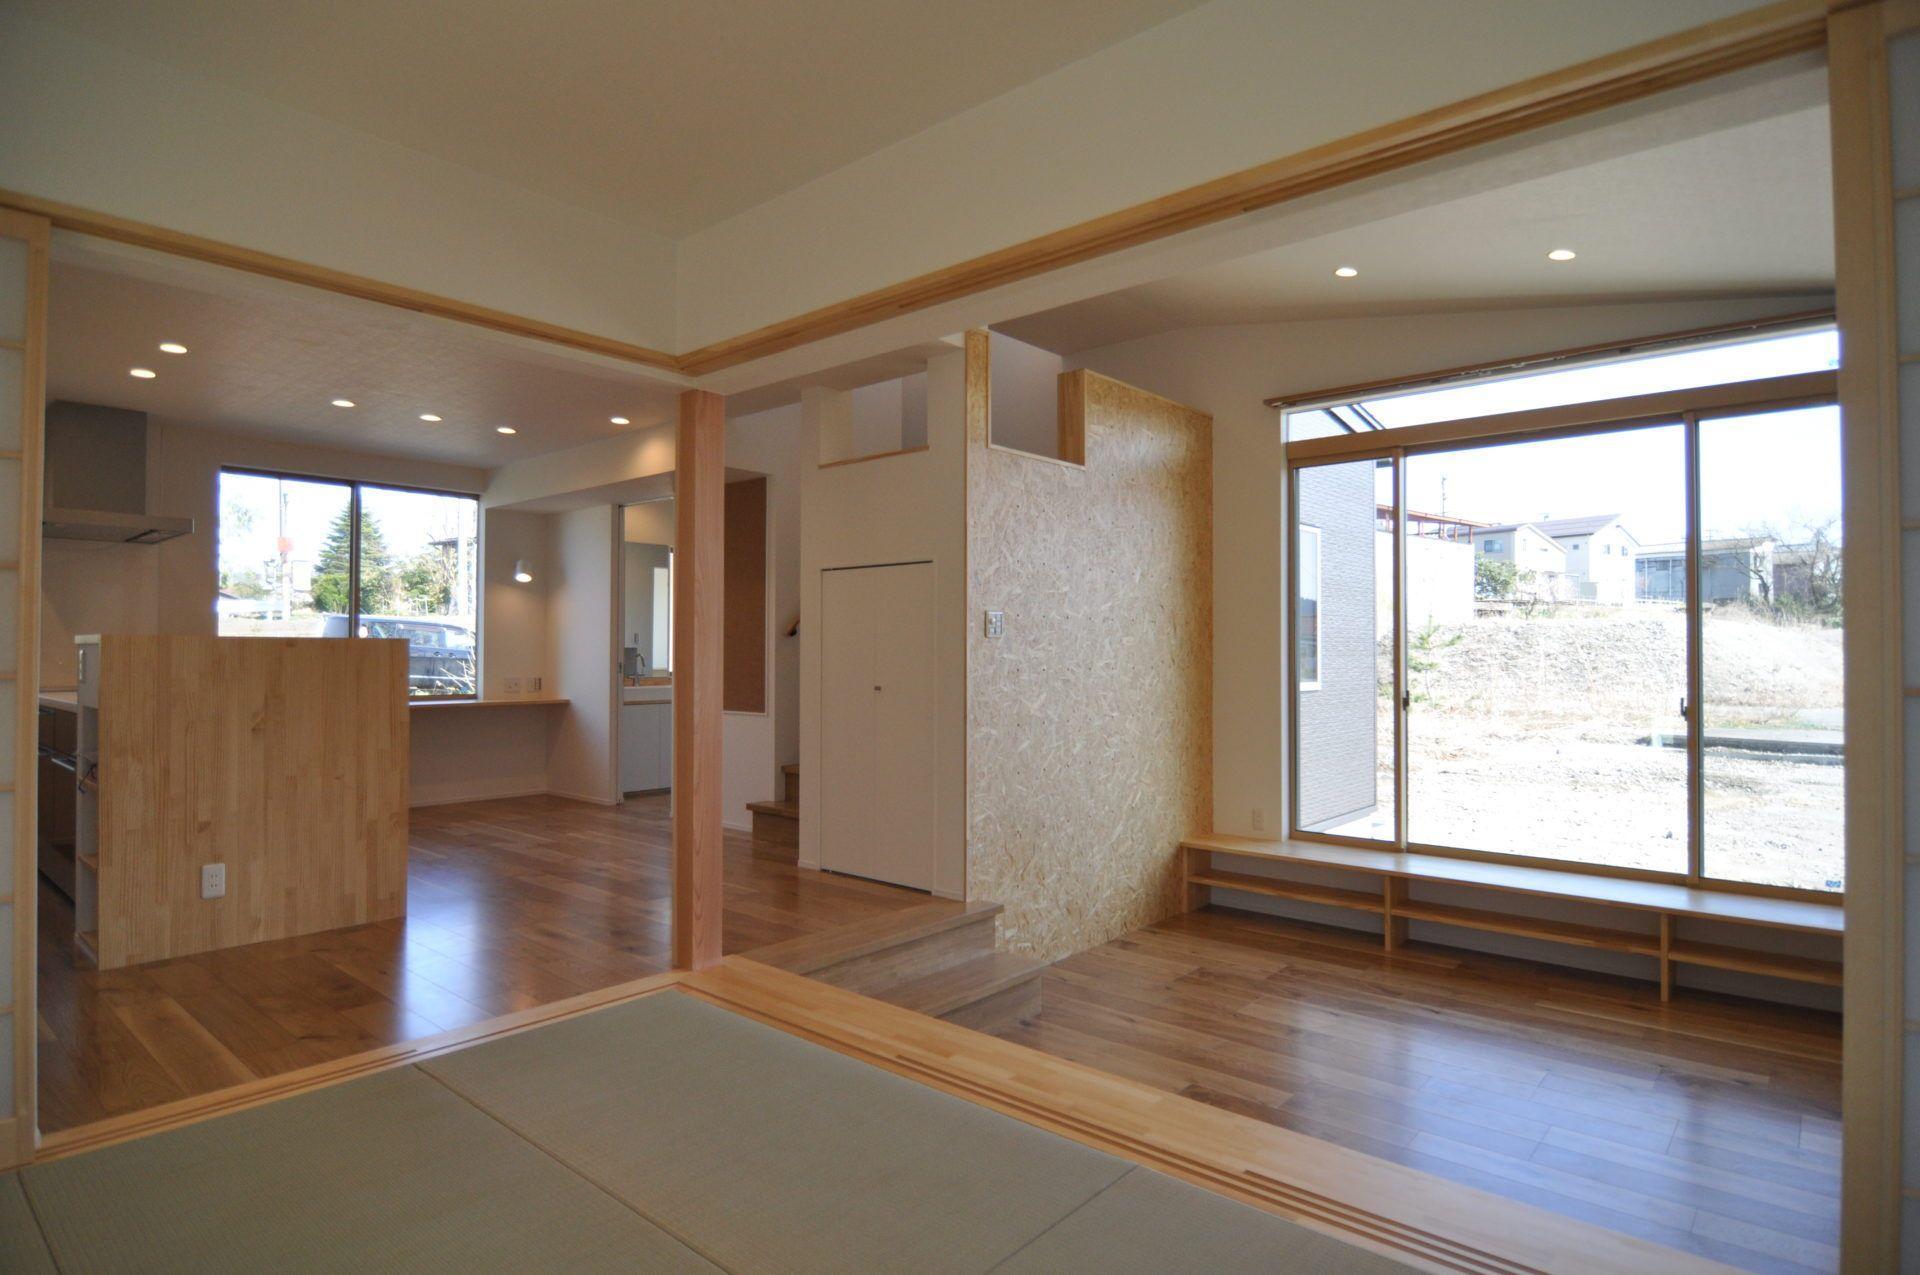 有限会社 市川建築店 1級建築士事務所「加茂市 Y様邸」のシンプル・ナチュラル・モダン・和風・和モダンなリビング・ダイニングの実例写真